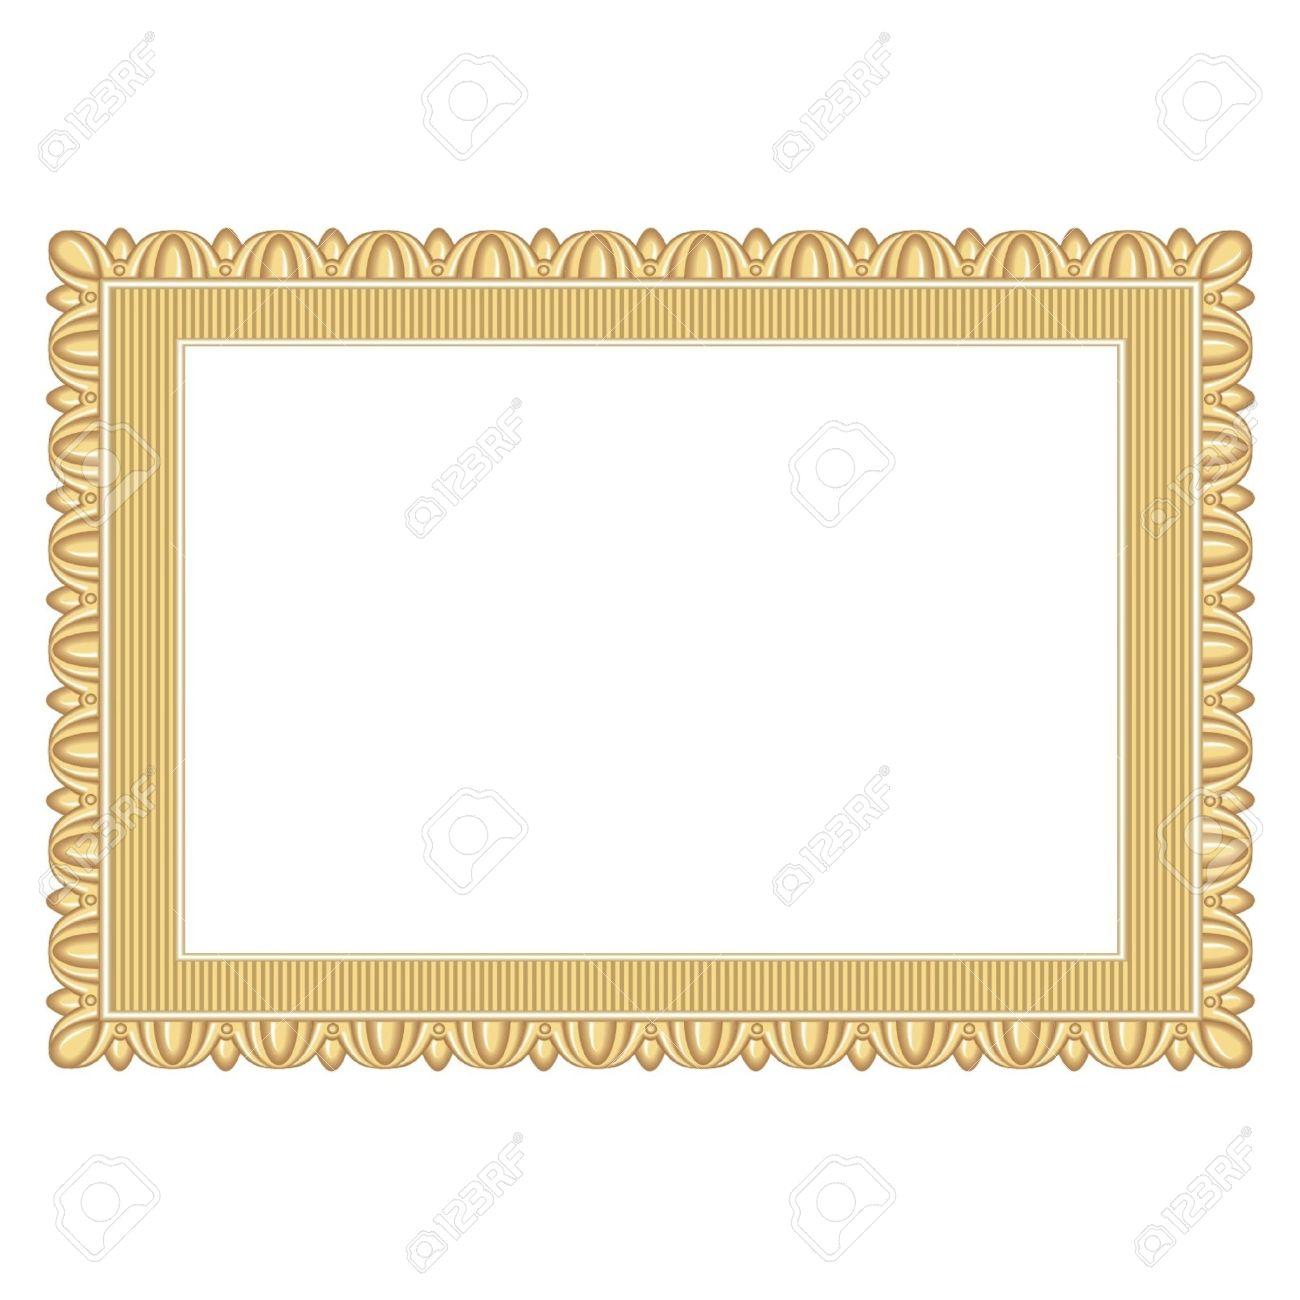 gold frame - 9962790